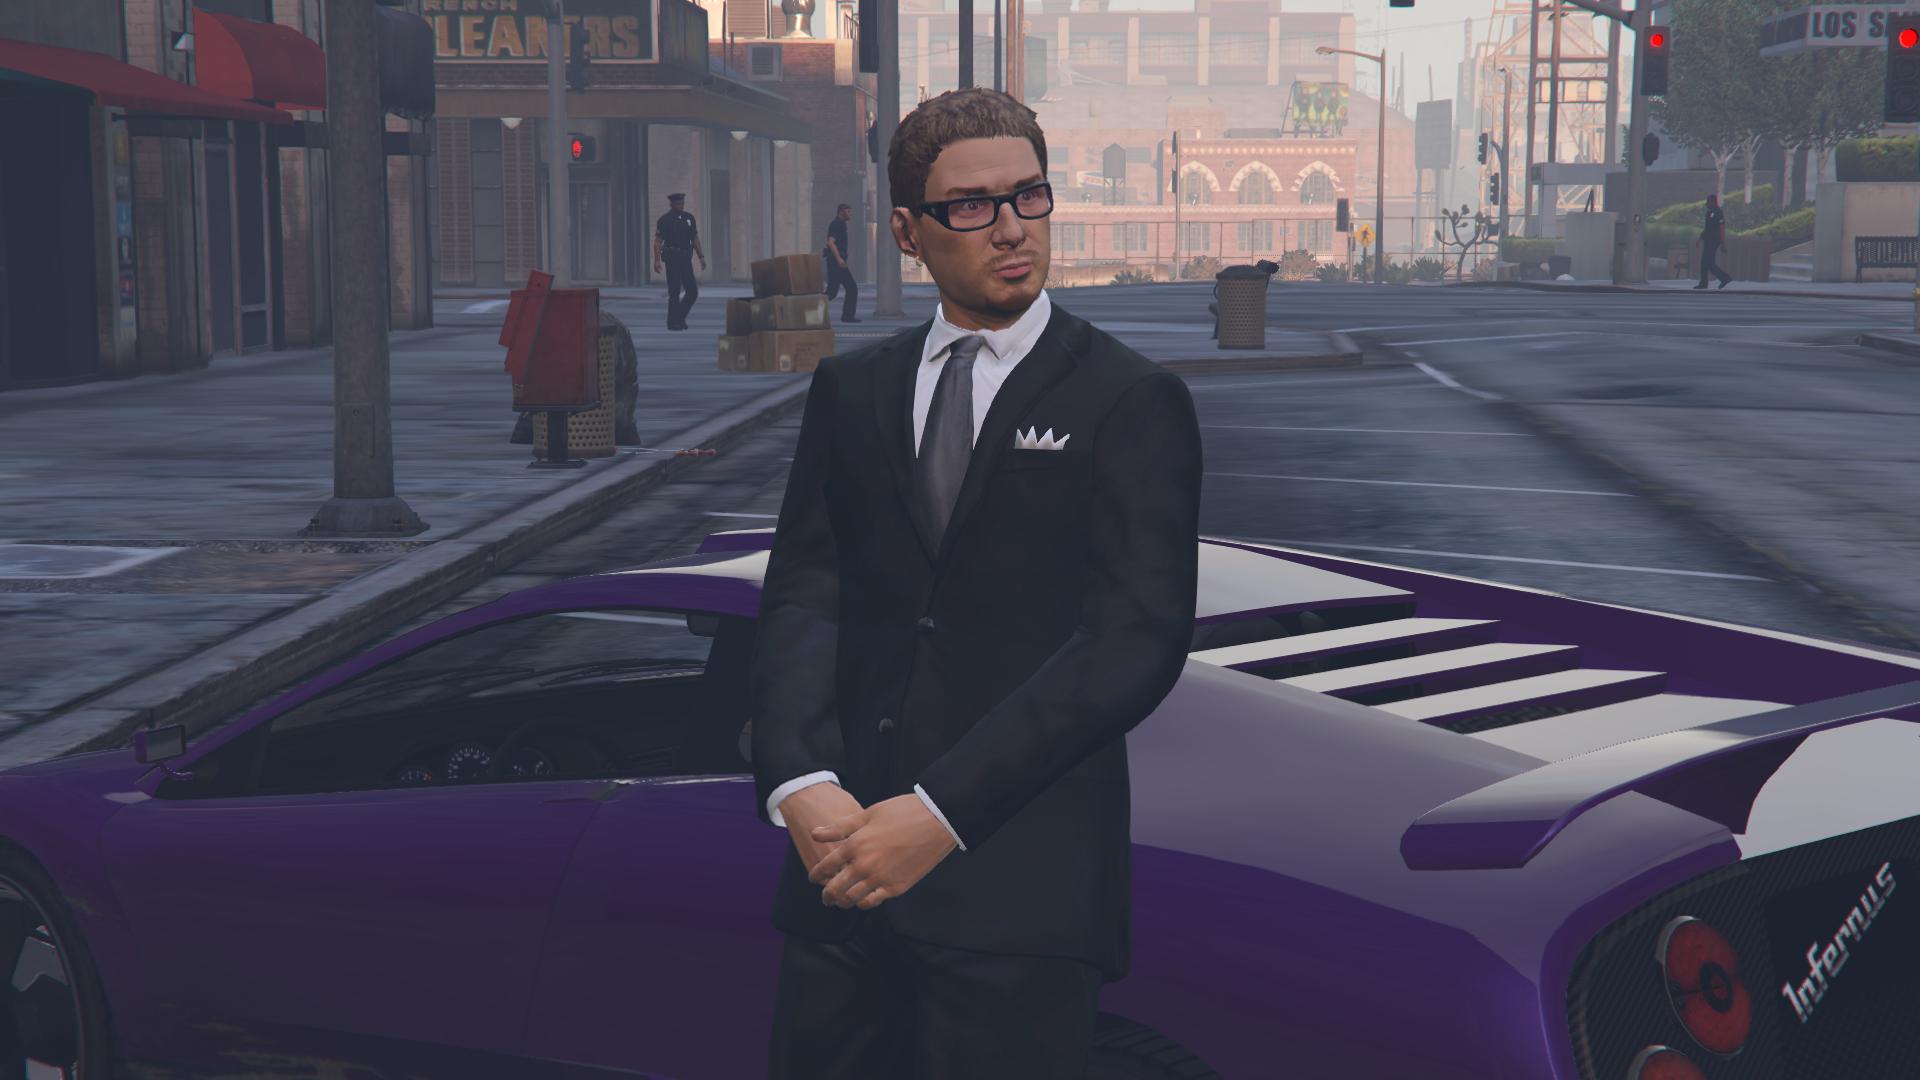 Grand_Theft_Auto_V_6_14_2021_1_48_14_PM.